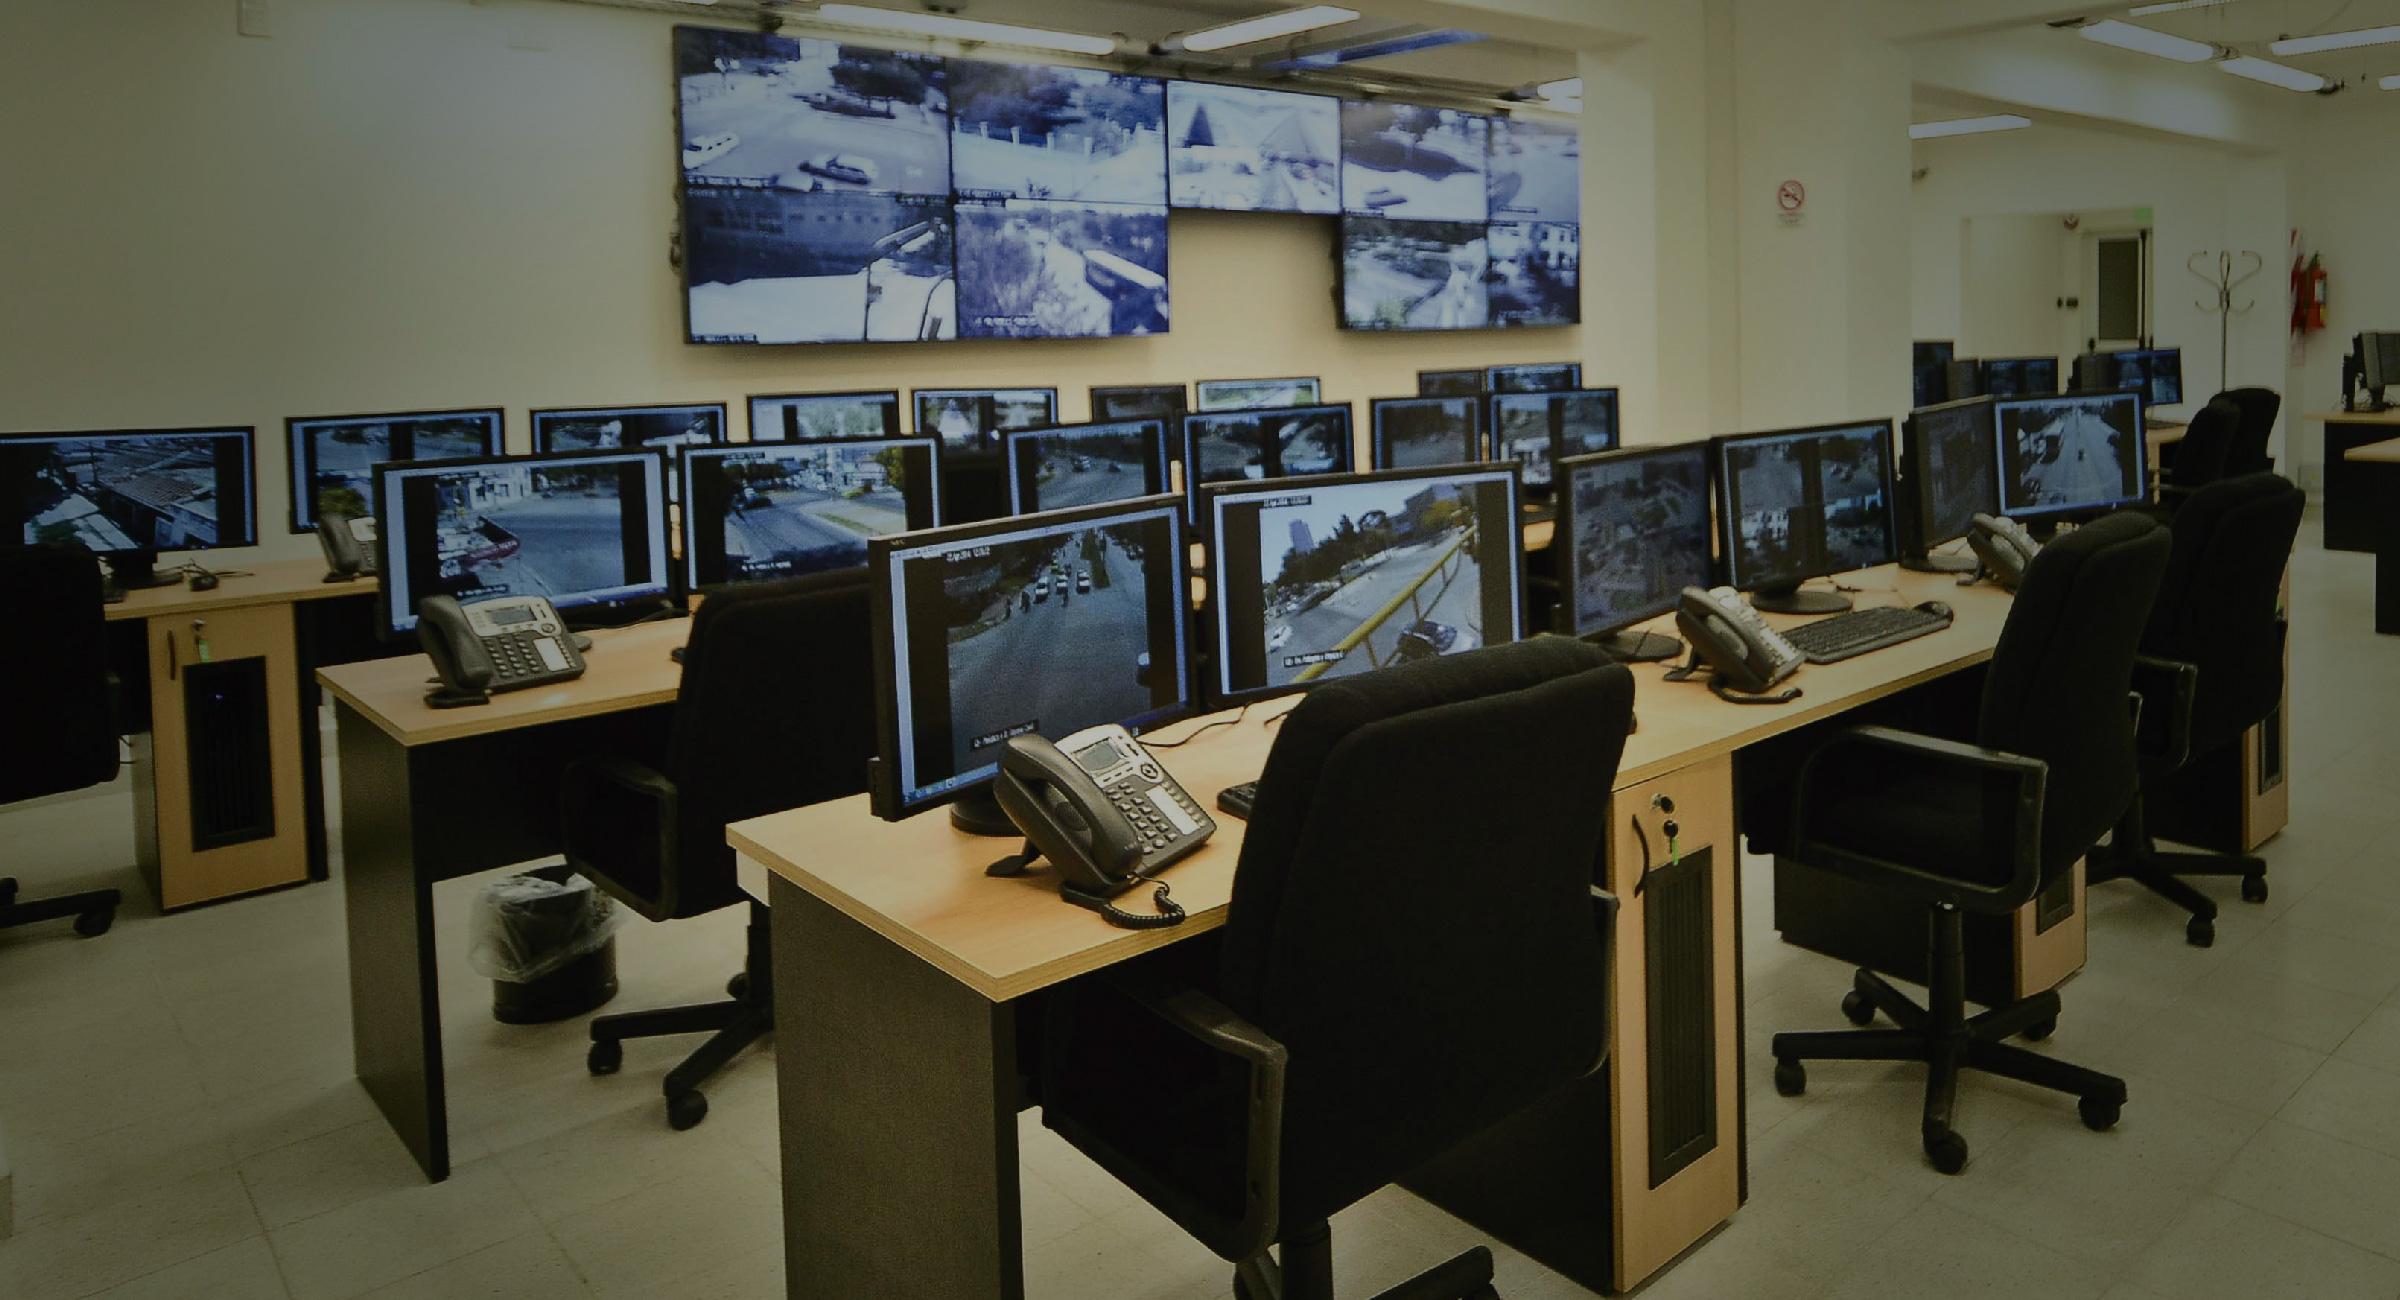 Alarmas de seguridad Monitoreo para tus Cámaras de Seguridad en Guadalajara